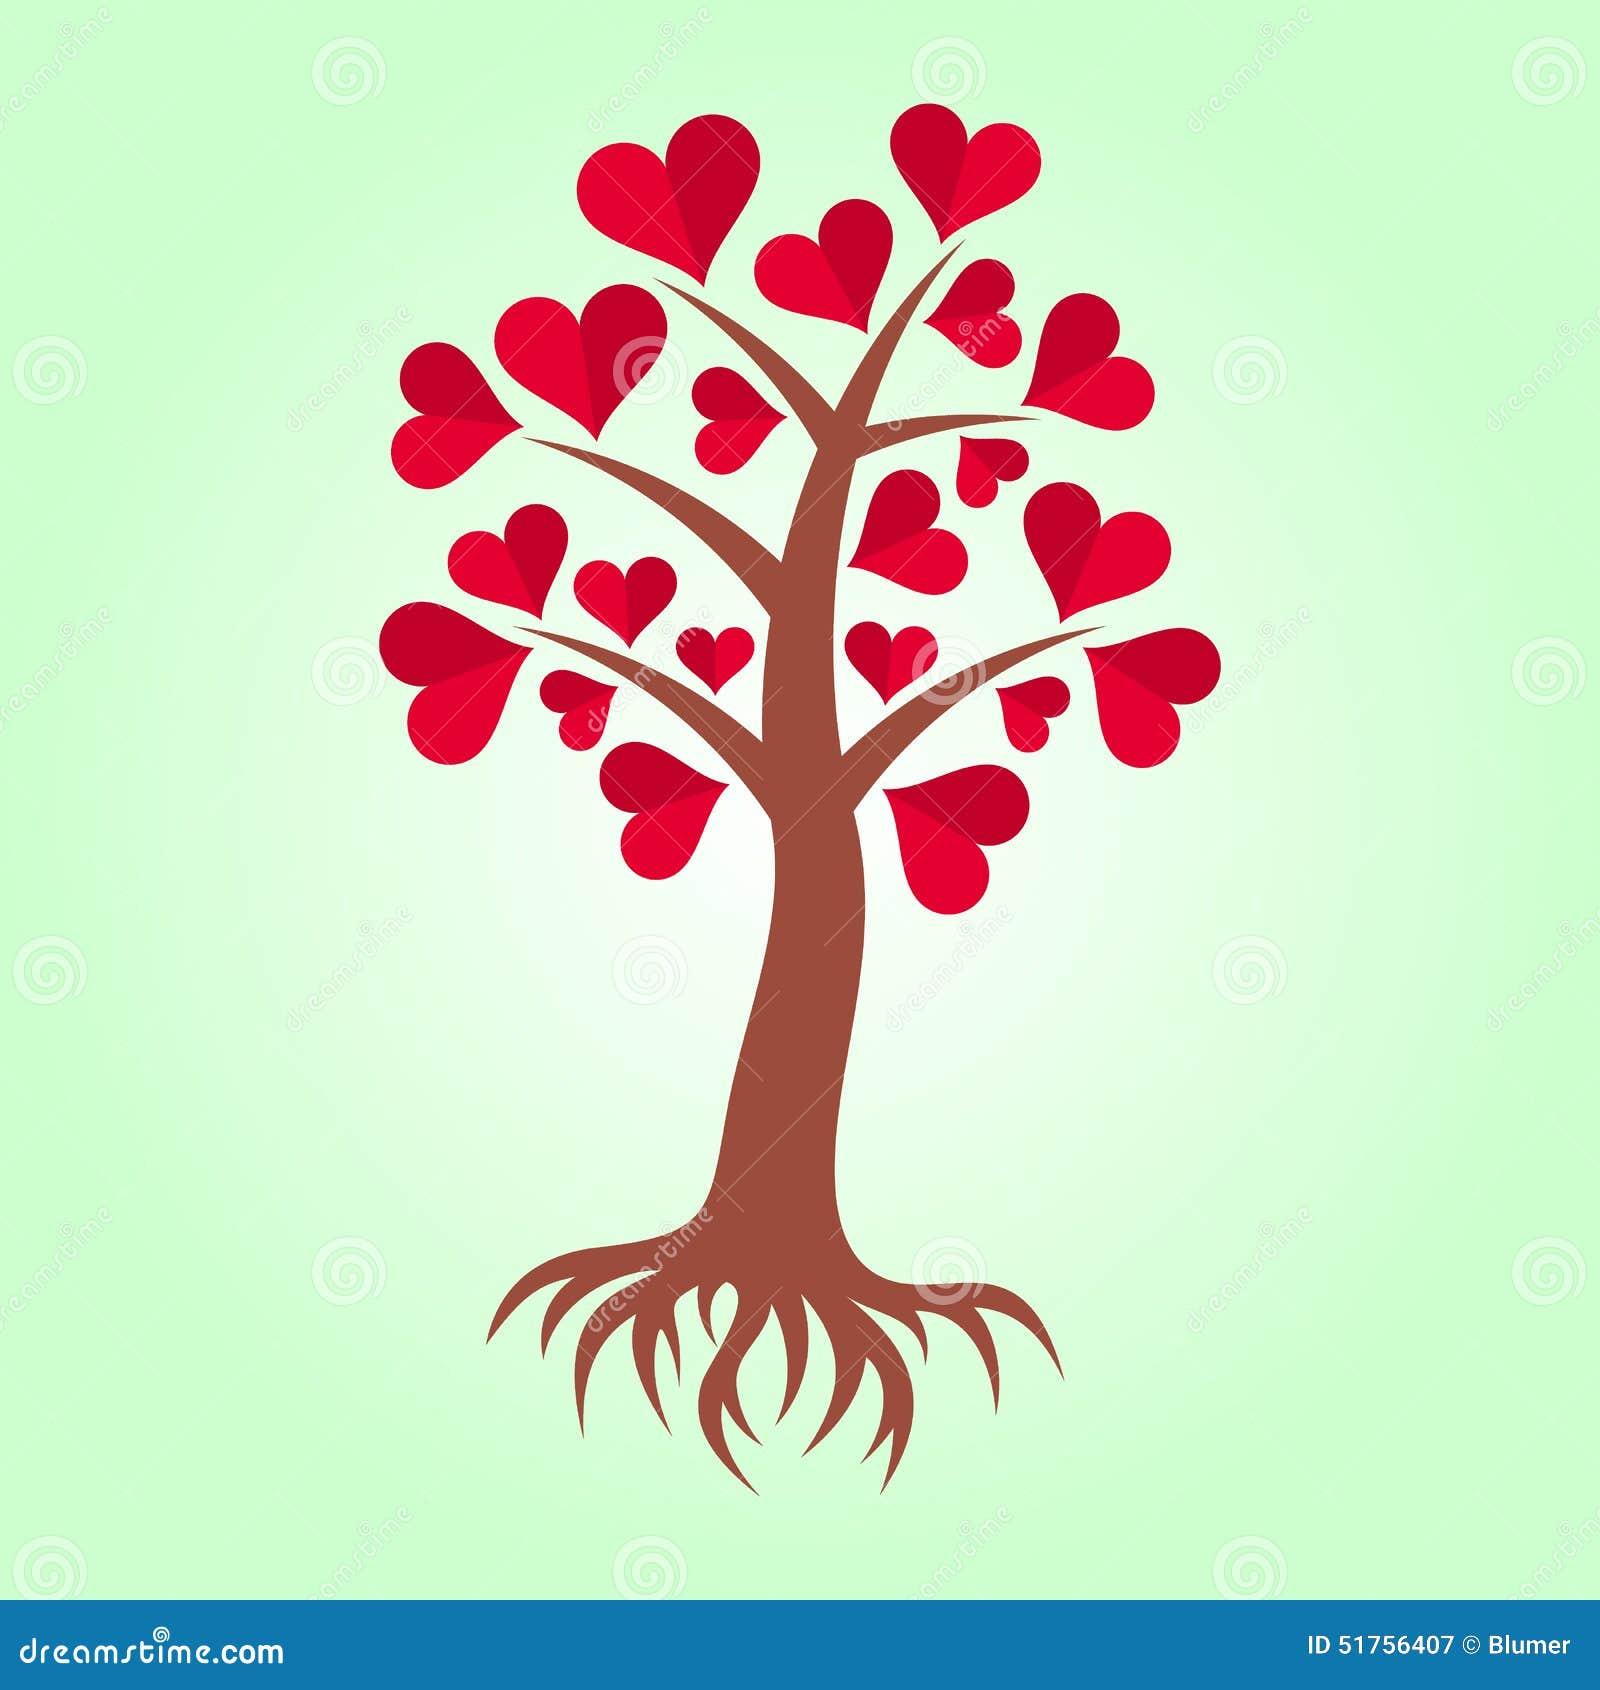 arbre avec des coeurs et des racines illustration de vecteur image 51756407. Black Bedroom Furniture Sets. Home Design Ideas